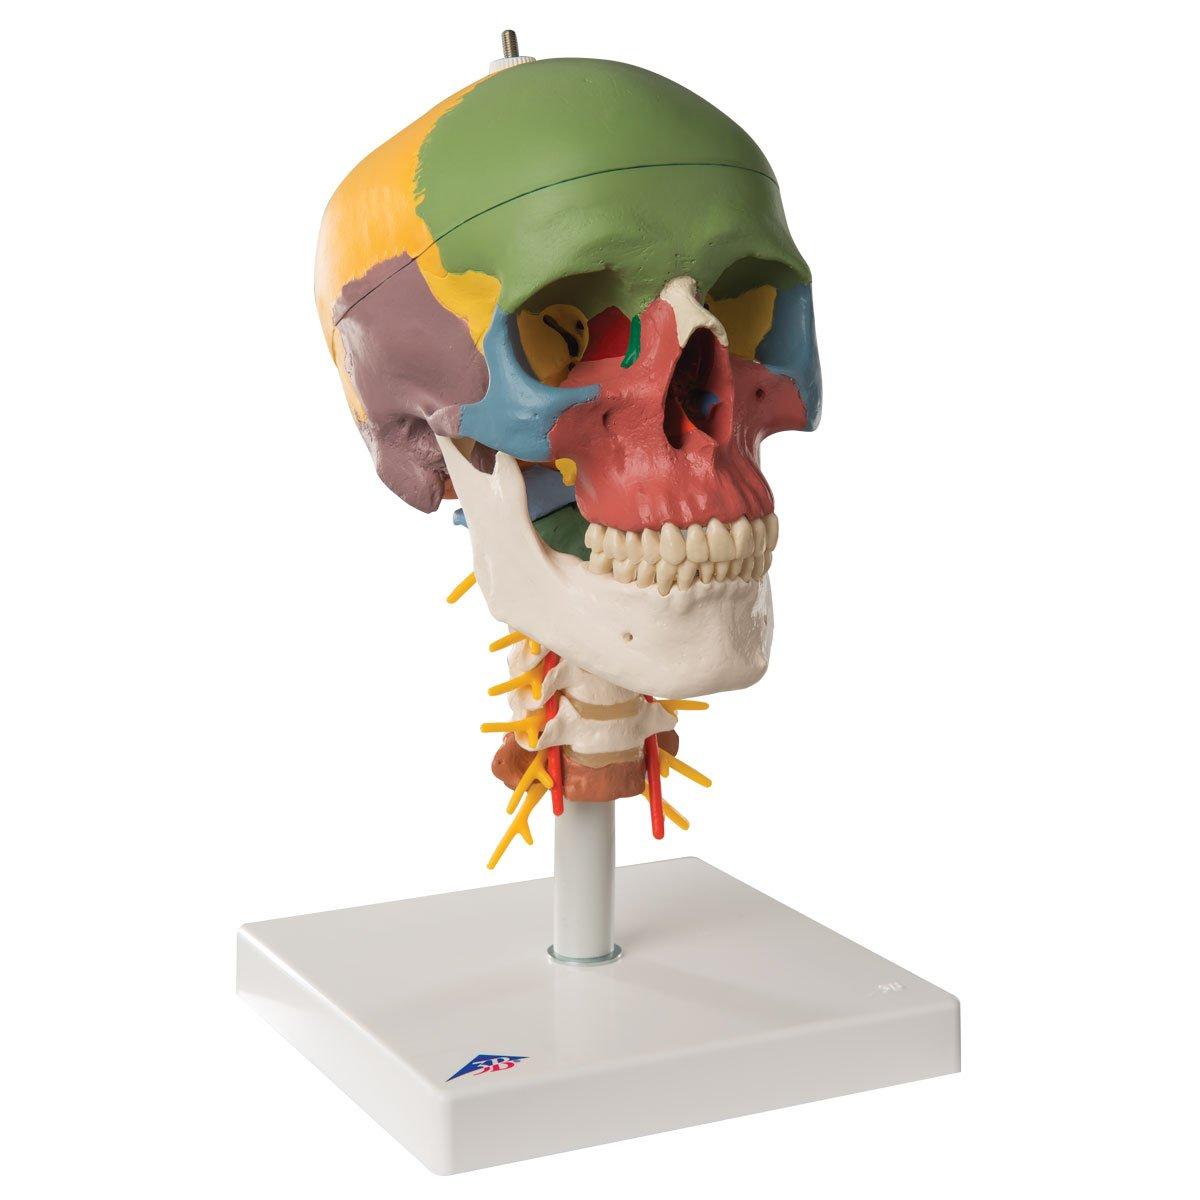 【日本製】 頭蓋,頚椎付,骨別カラー4分解モデル B006YWWS7Q B006YWWS7Q, ナンセイチョウ:e223aa76 --- a0267596.xsph.ru